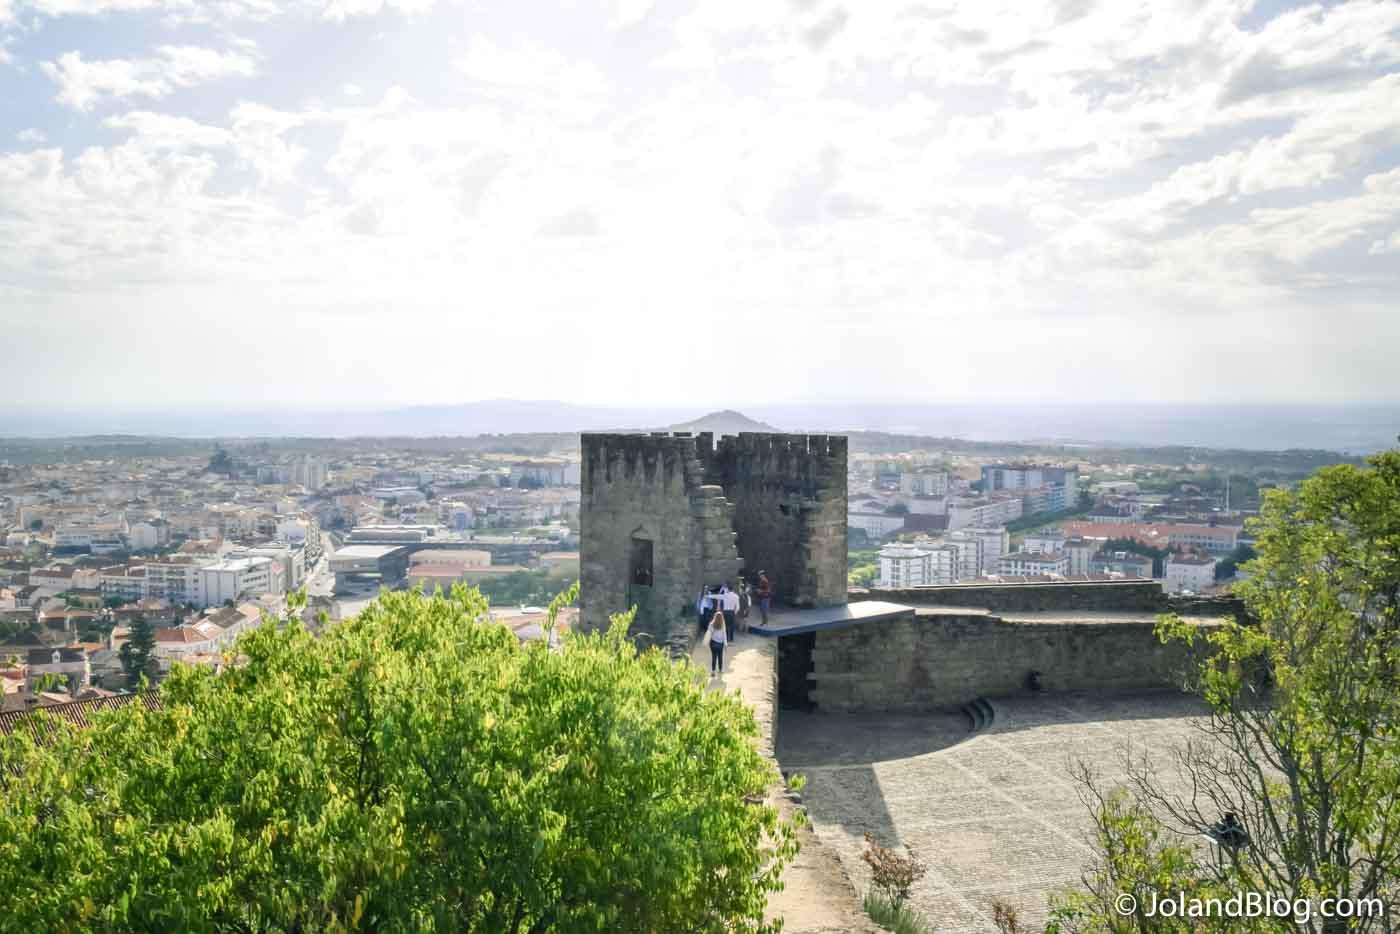 Vista do Castelo de Castelo Branco - Beira Baixa